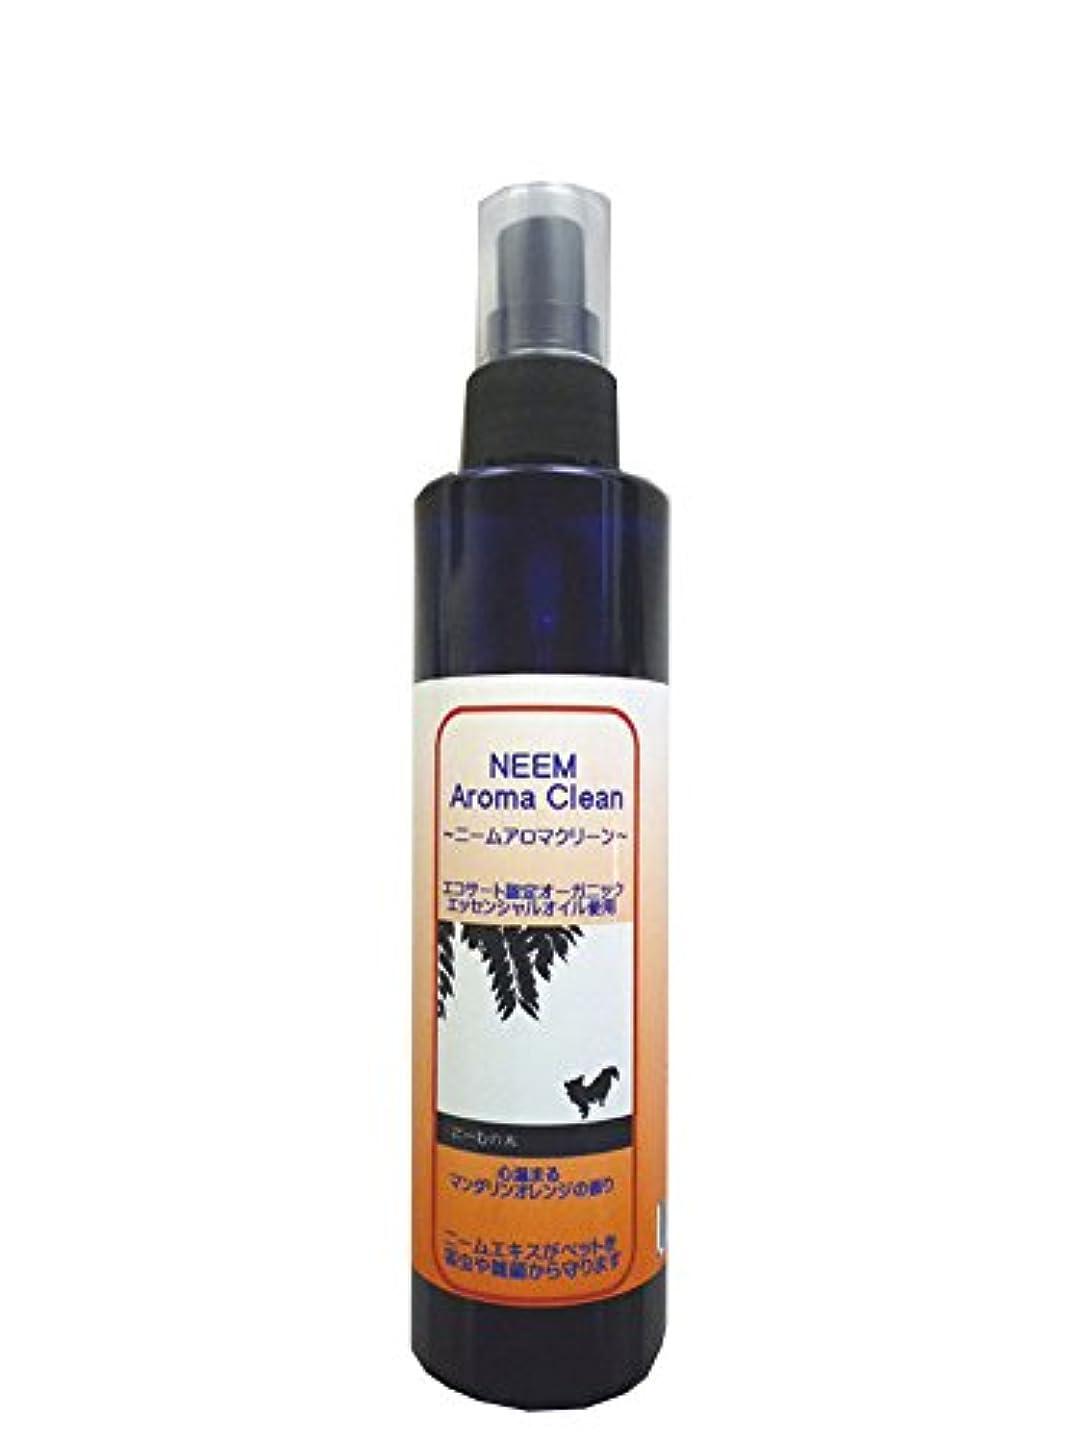 削減本体砲兵ニームアロマクリーン(マンダリンオレンジ) NEEM Aroma Clean 200ml 【BLOOM】【(ノミ?ダニ)駆除用としてもお使いいただけます。】